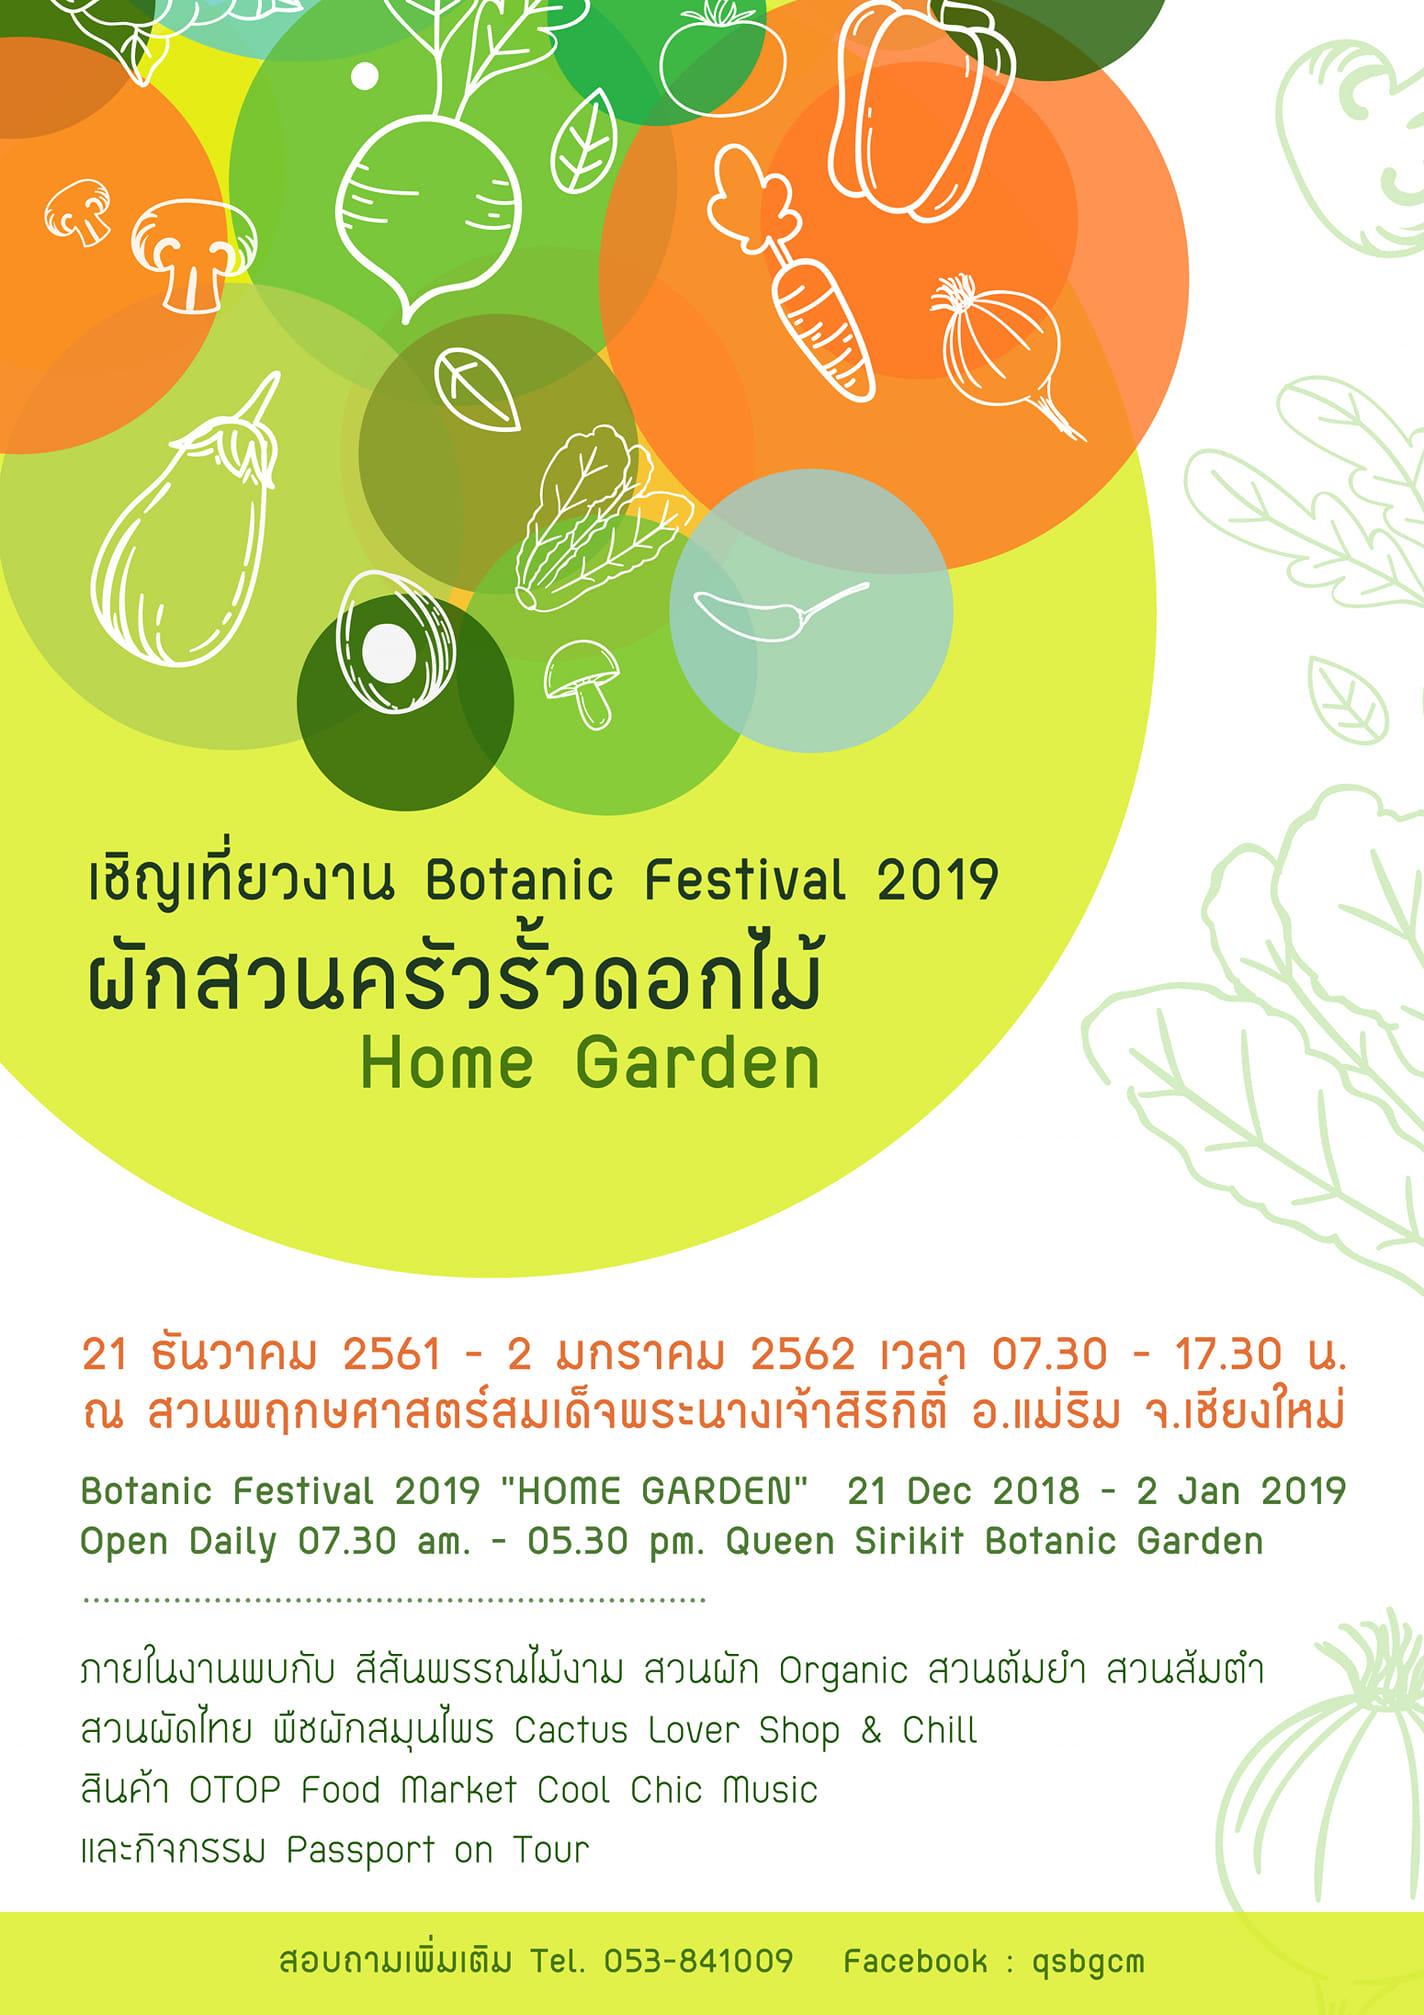 Botanic Festival 2019 ผักสวนครัว รั้วดอกไม้ HOME GARDEN วันที่ 21 ธันวาคม 2561 - 2 มกราคม 2562 จังหวัดเชียงใหม่